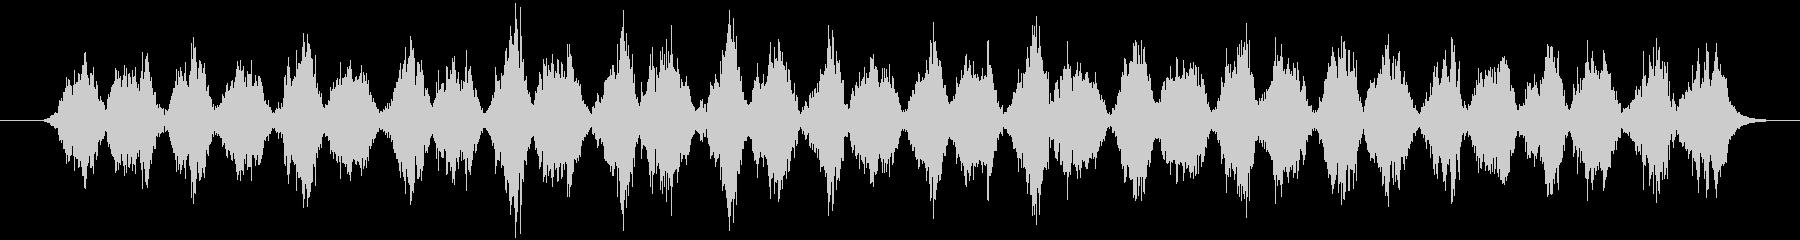 ハンドファイル:ファイリングスチー...の未再生の波形